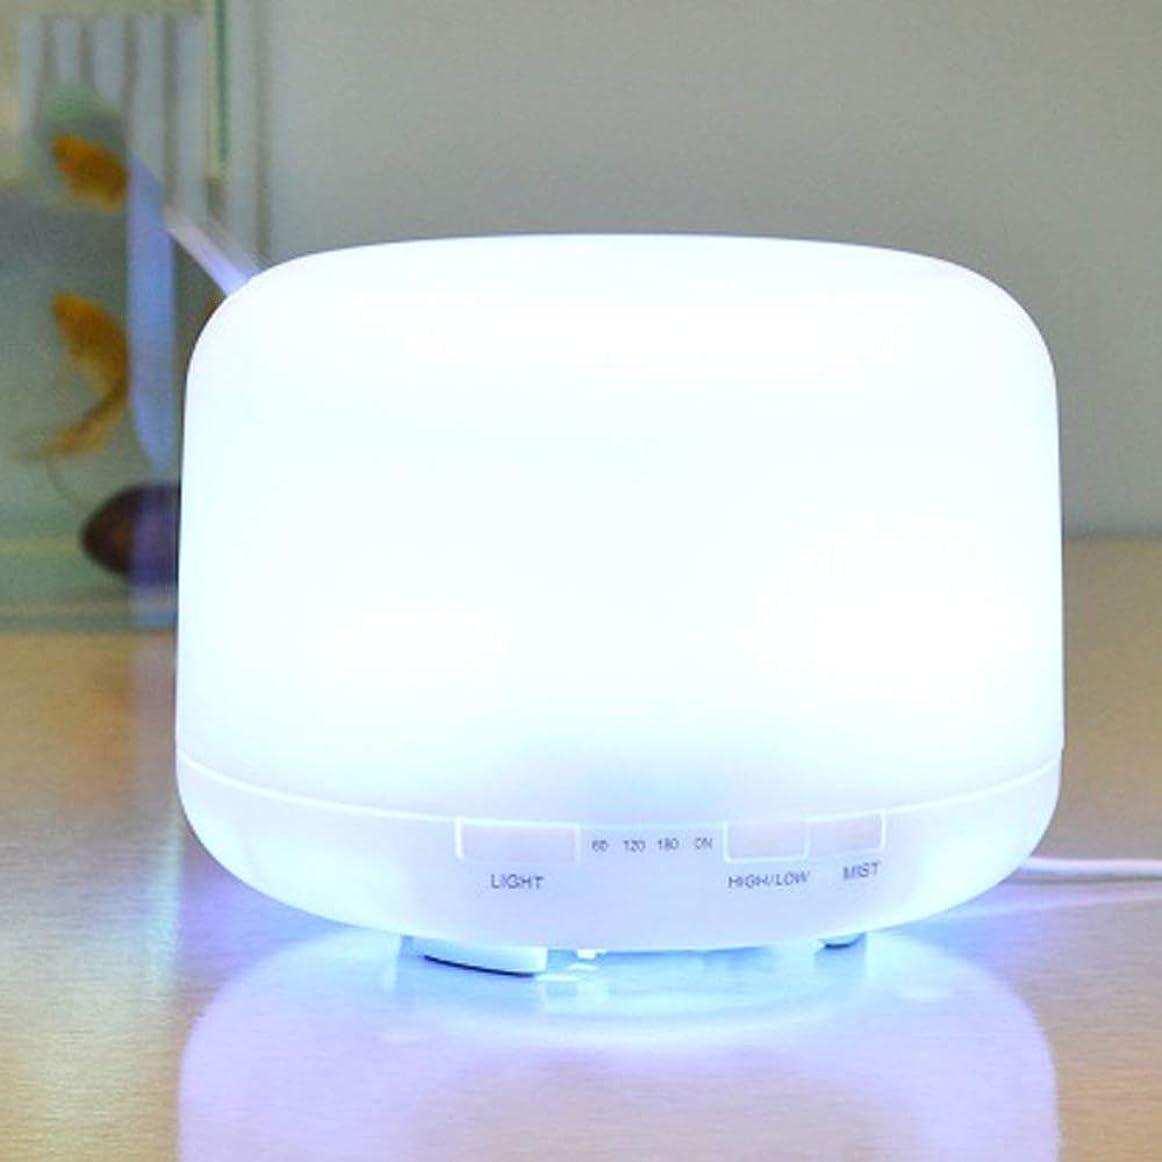 アッパー定義チャネル1000ml のエッセンシャルオイルディフューザー、プレミアム超音波アロマセラピー香りオイルディフューザー気化器、タイマーと水なしオートオフ、7 LED ライトカラー